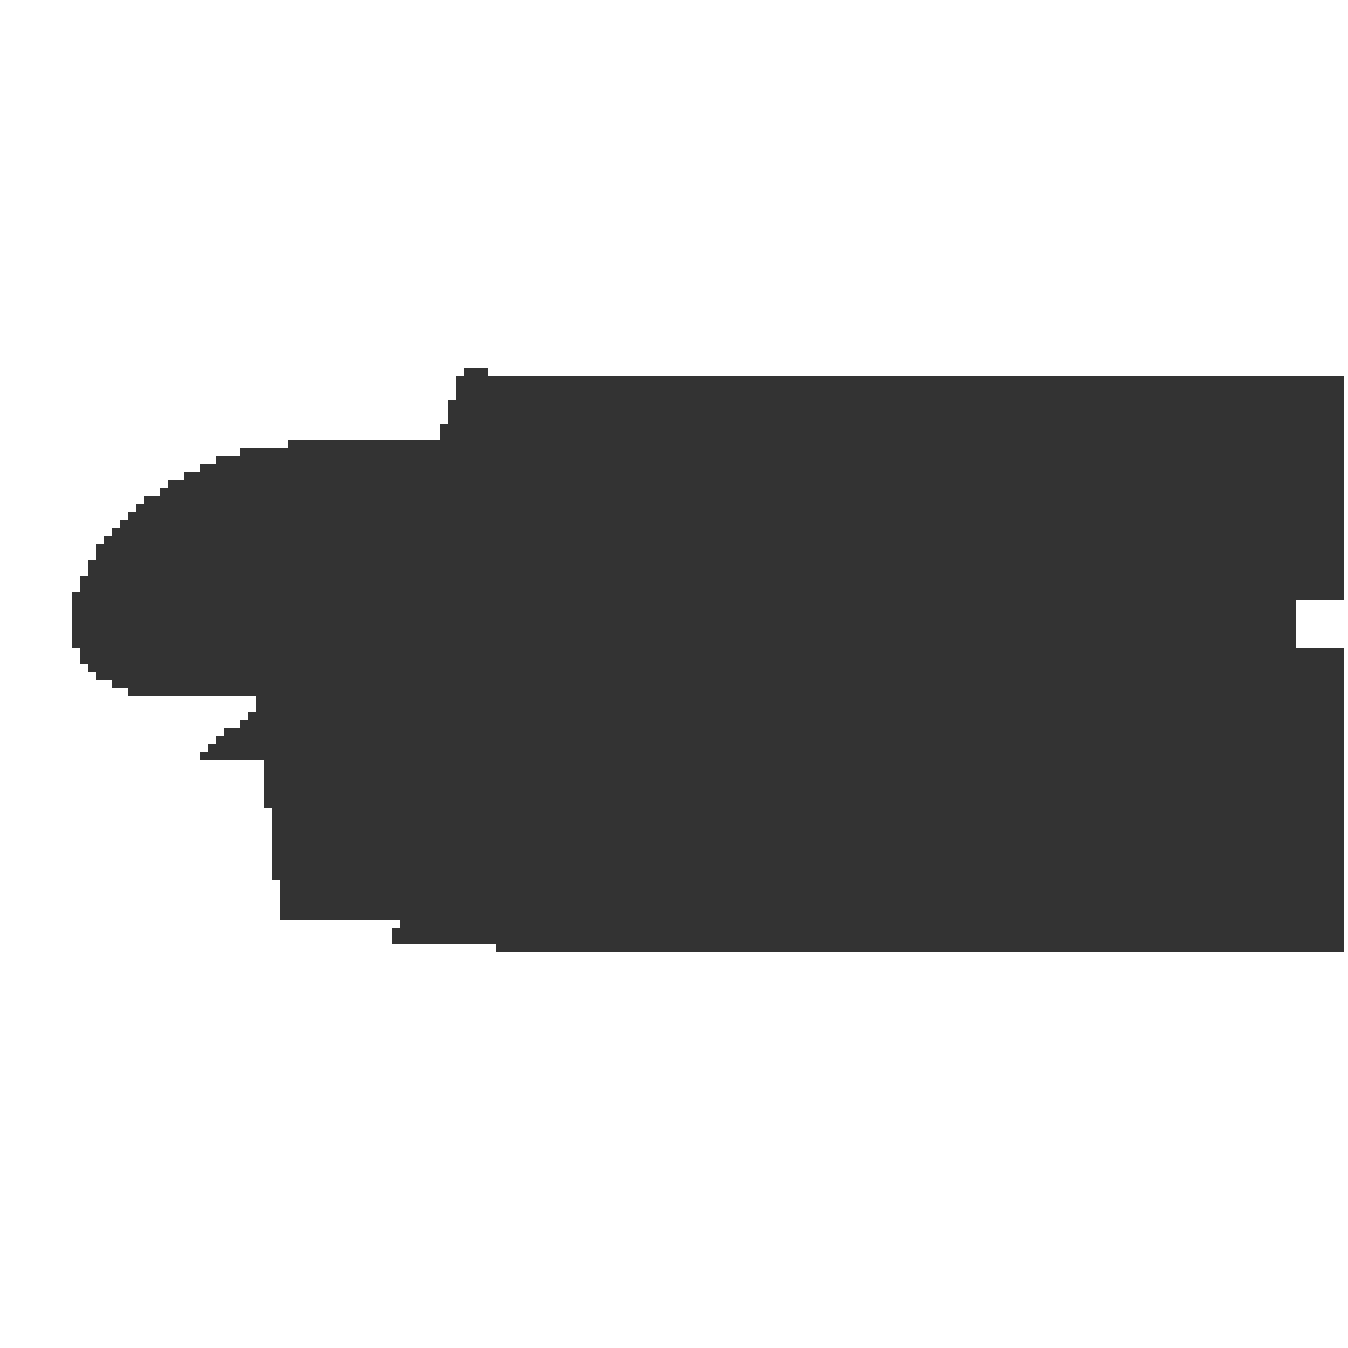 Photovino